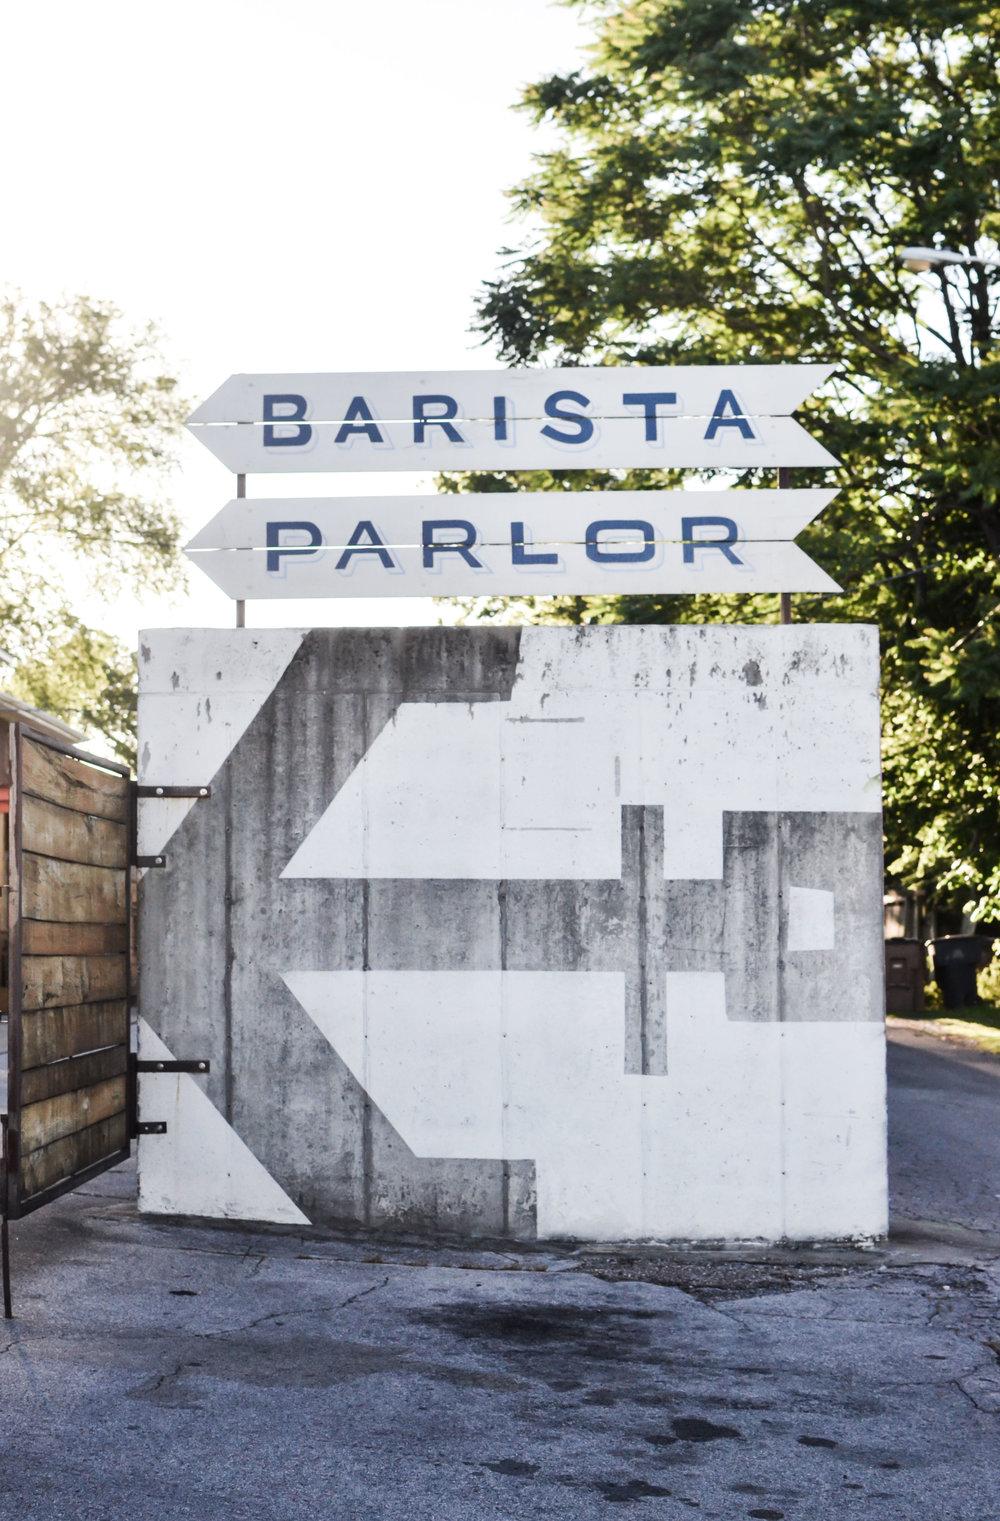 Wendling_Boyd_Kaffe_Social_Barista_Parlor_Craft_Coffee.jpg